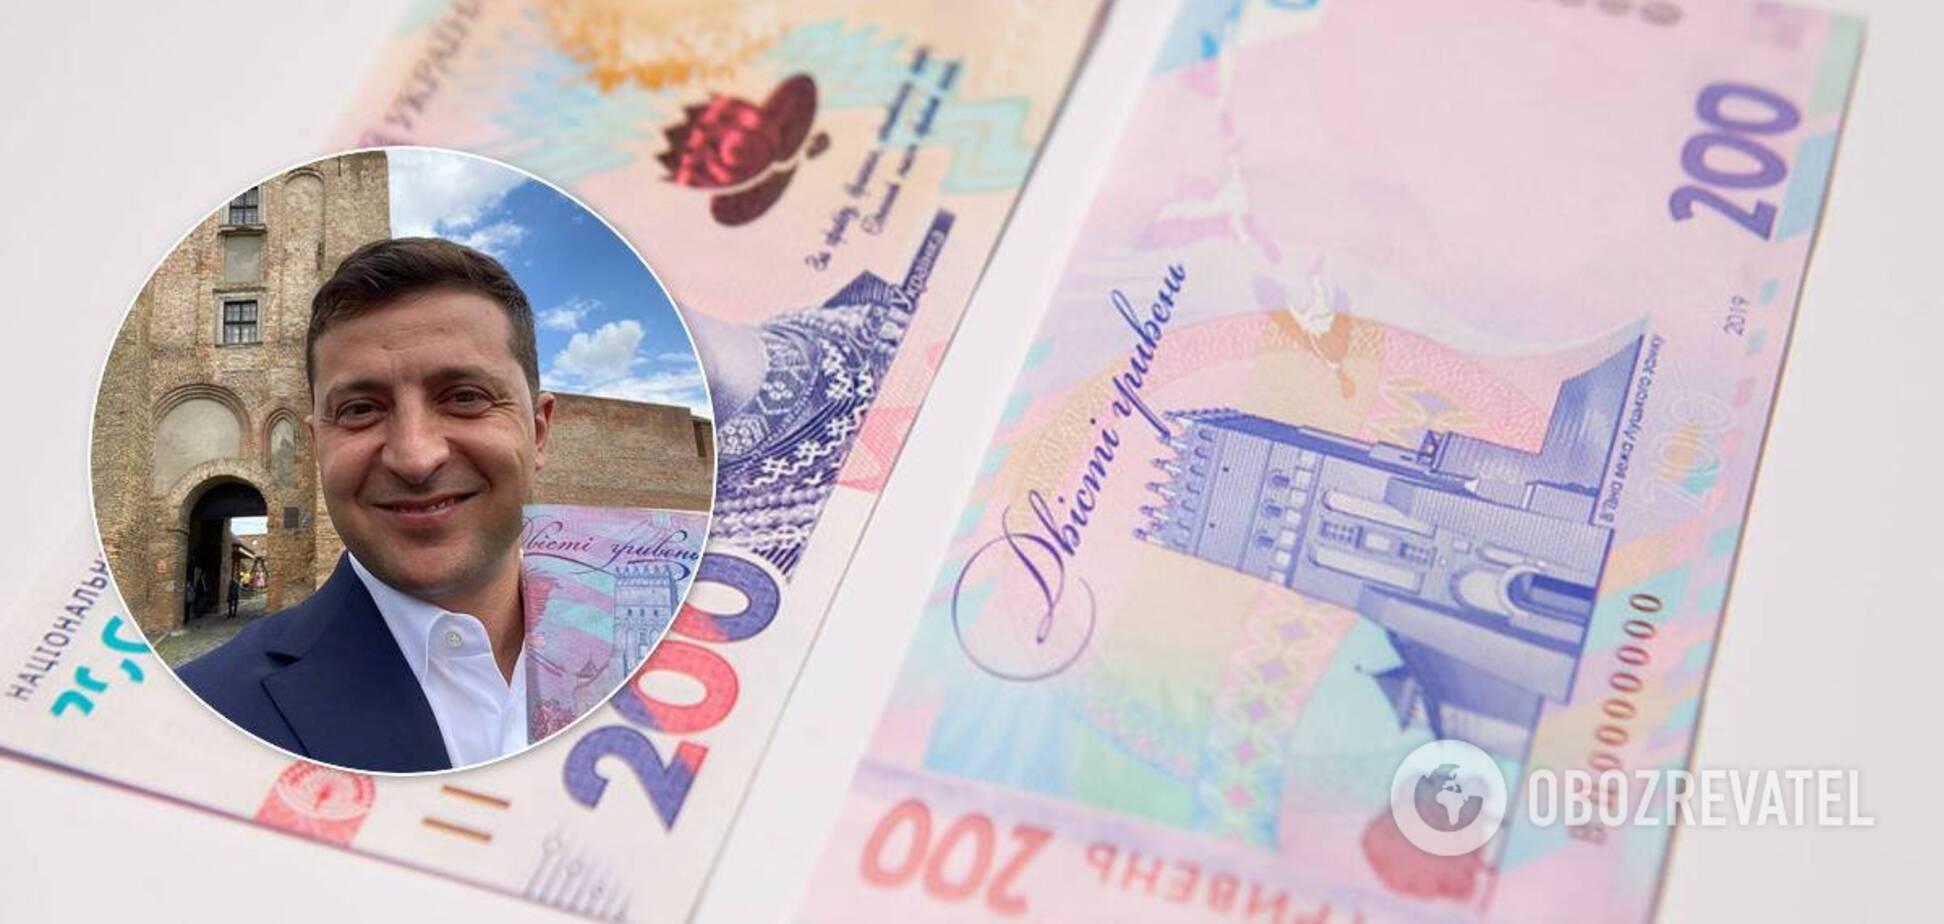 Володимир Зеленський зробив селфі з 200-гривневою купюрою